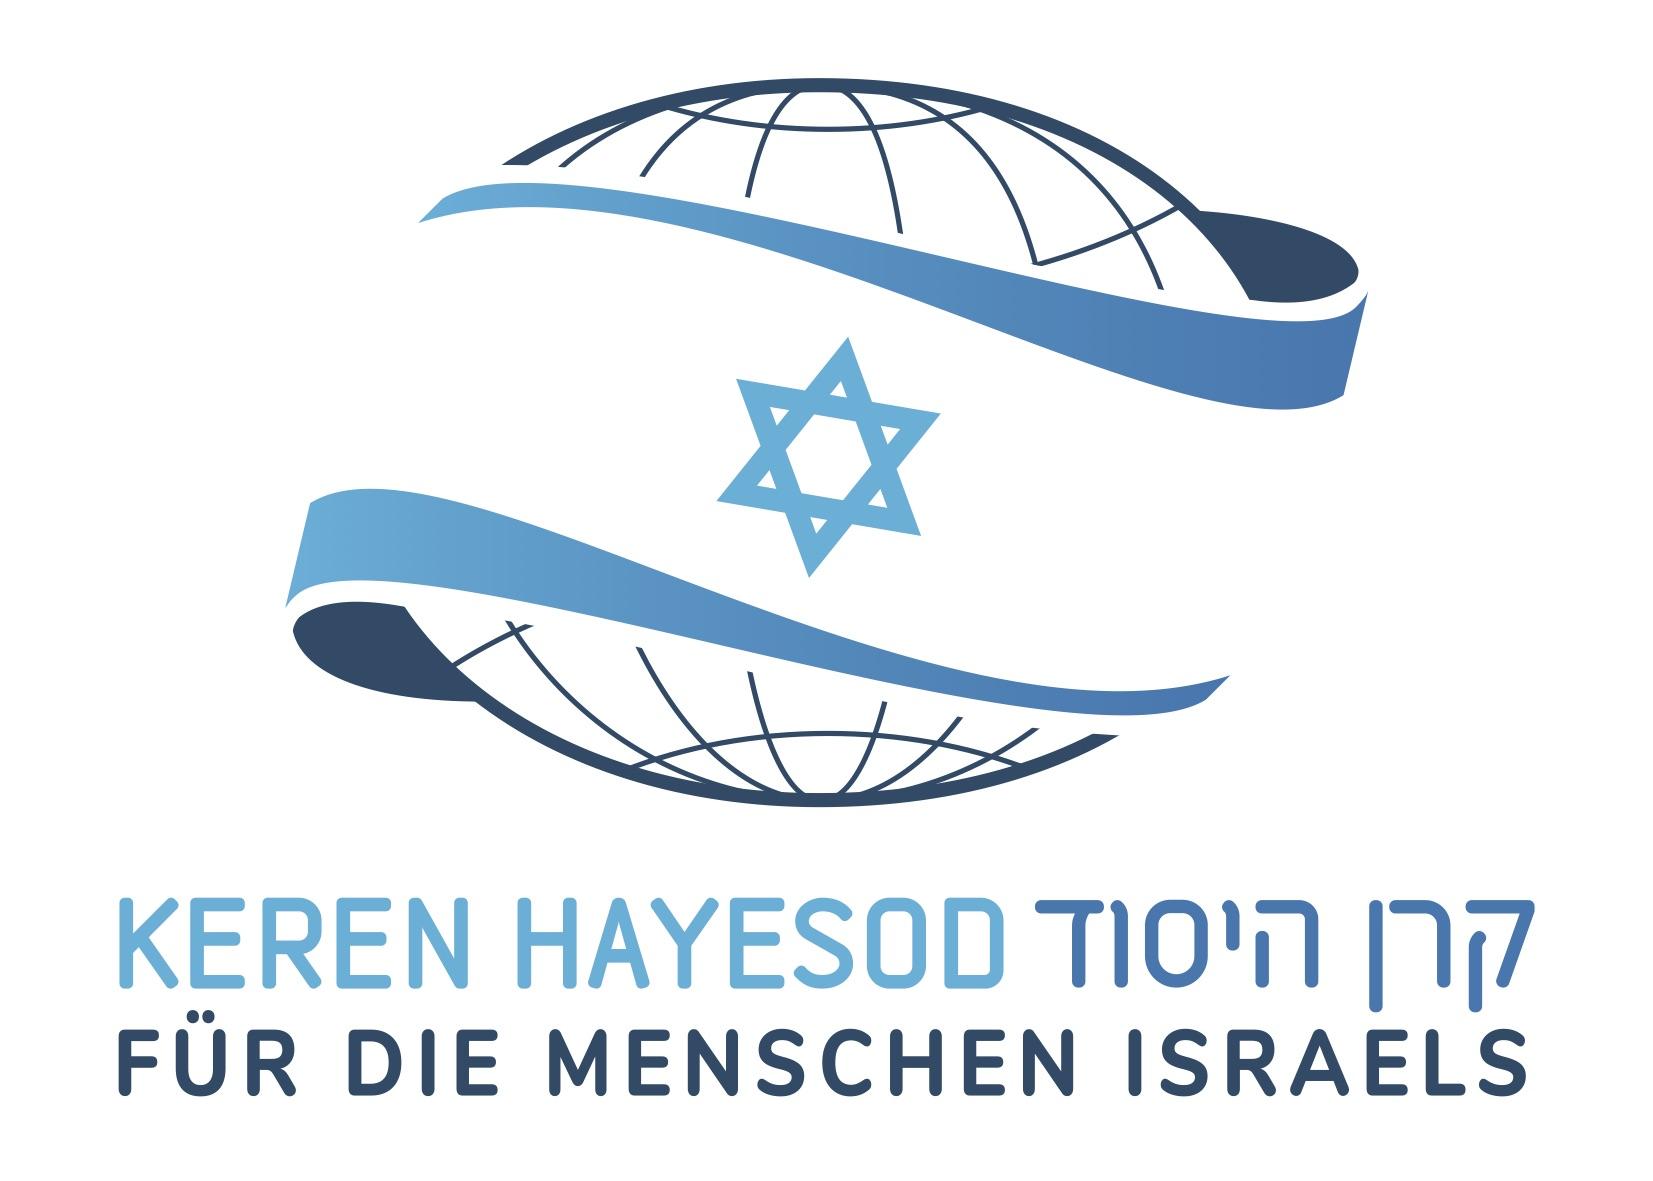 KEREN HAYESOD